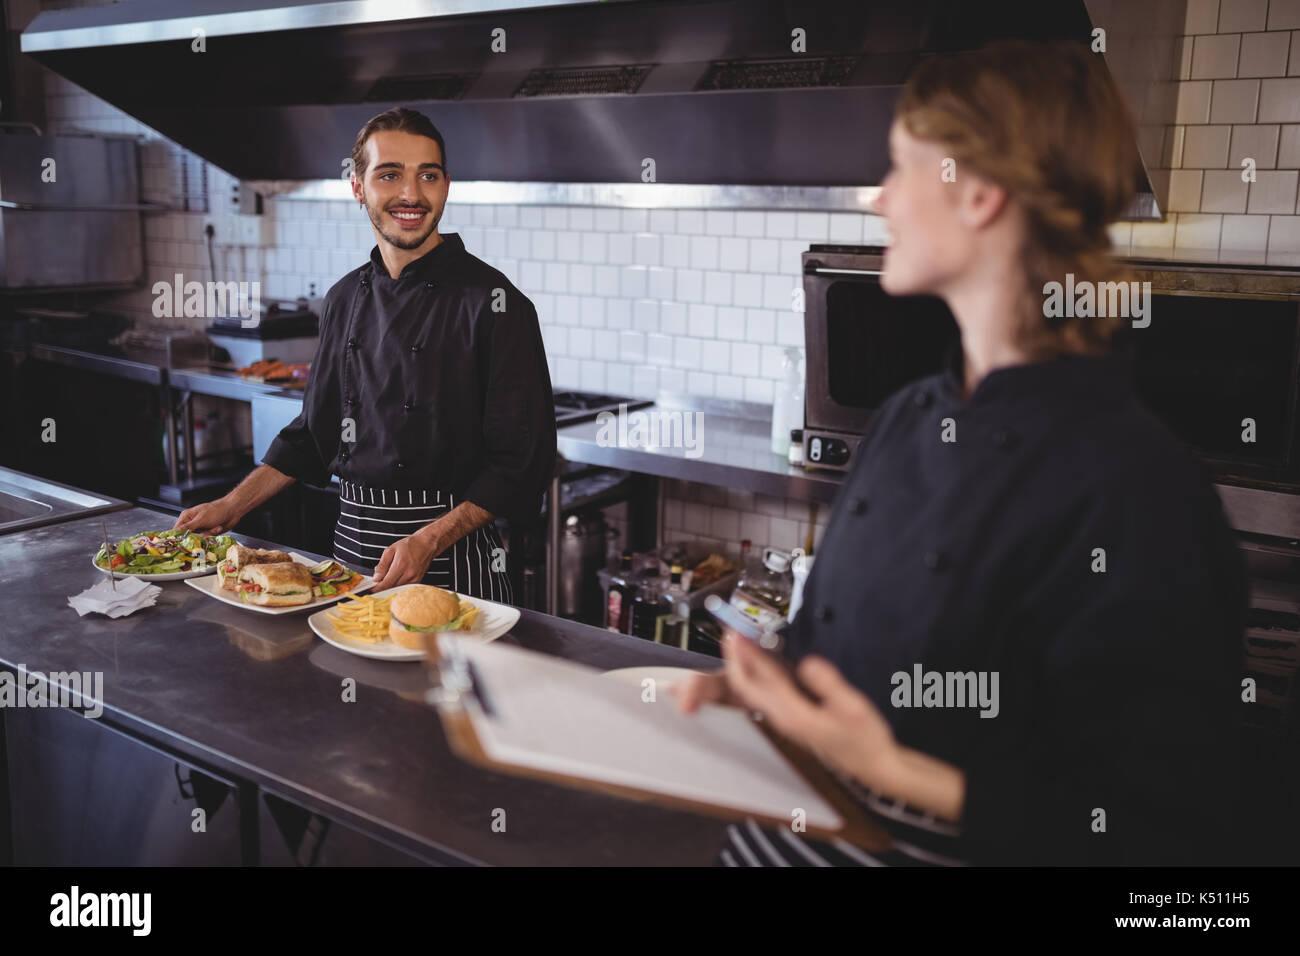 Jeune serveur de préparer des aliments pendant la recherche de serveuse dans un café Photo Stock